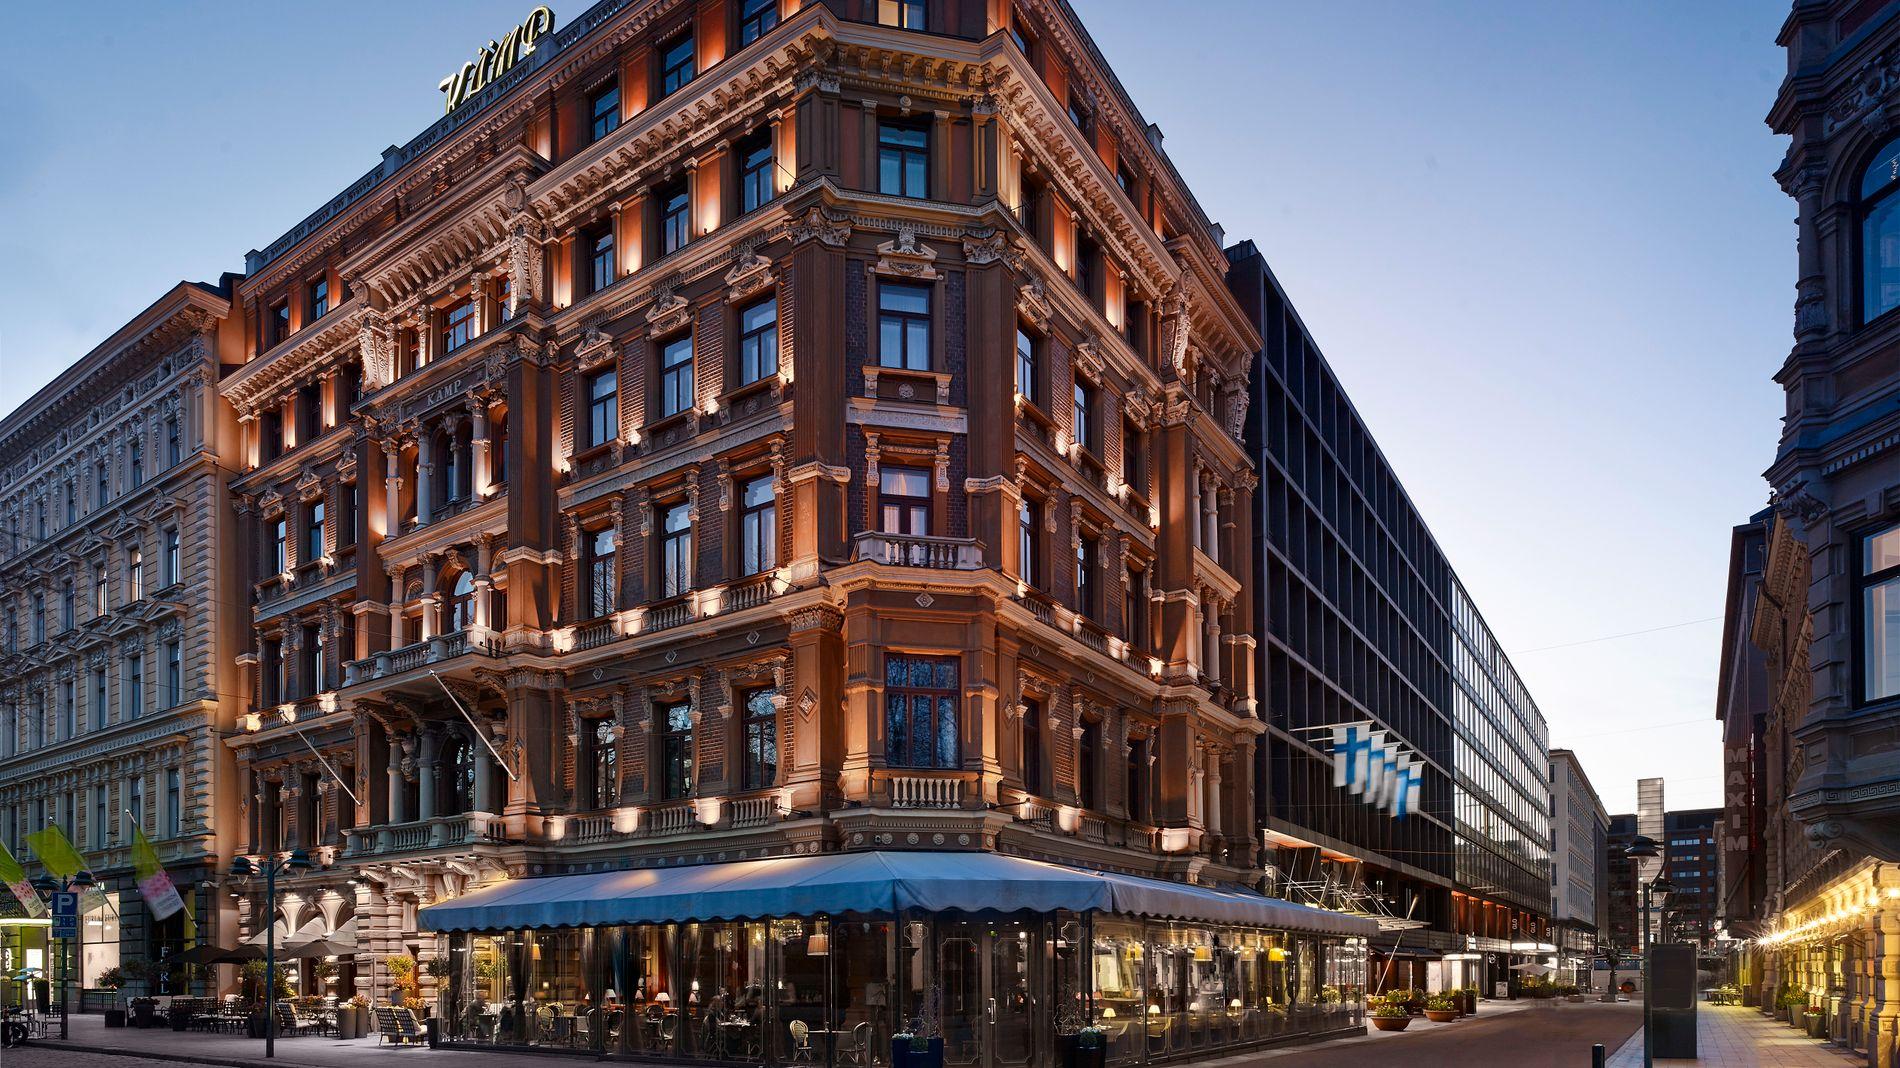 LANG HISTORIE: Kämp Hotel i Helsinki ble bygget av grunnlegger Carl Kämp i 1887. Den gang het hotellet Grand Hotel. Det omtales som Finlands mest kjente og ærverdige hotell.